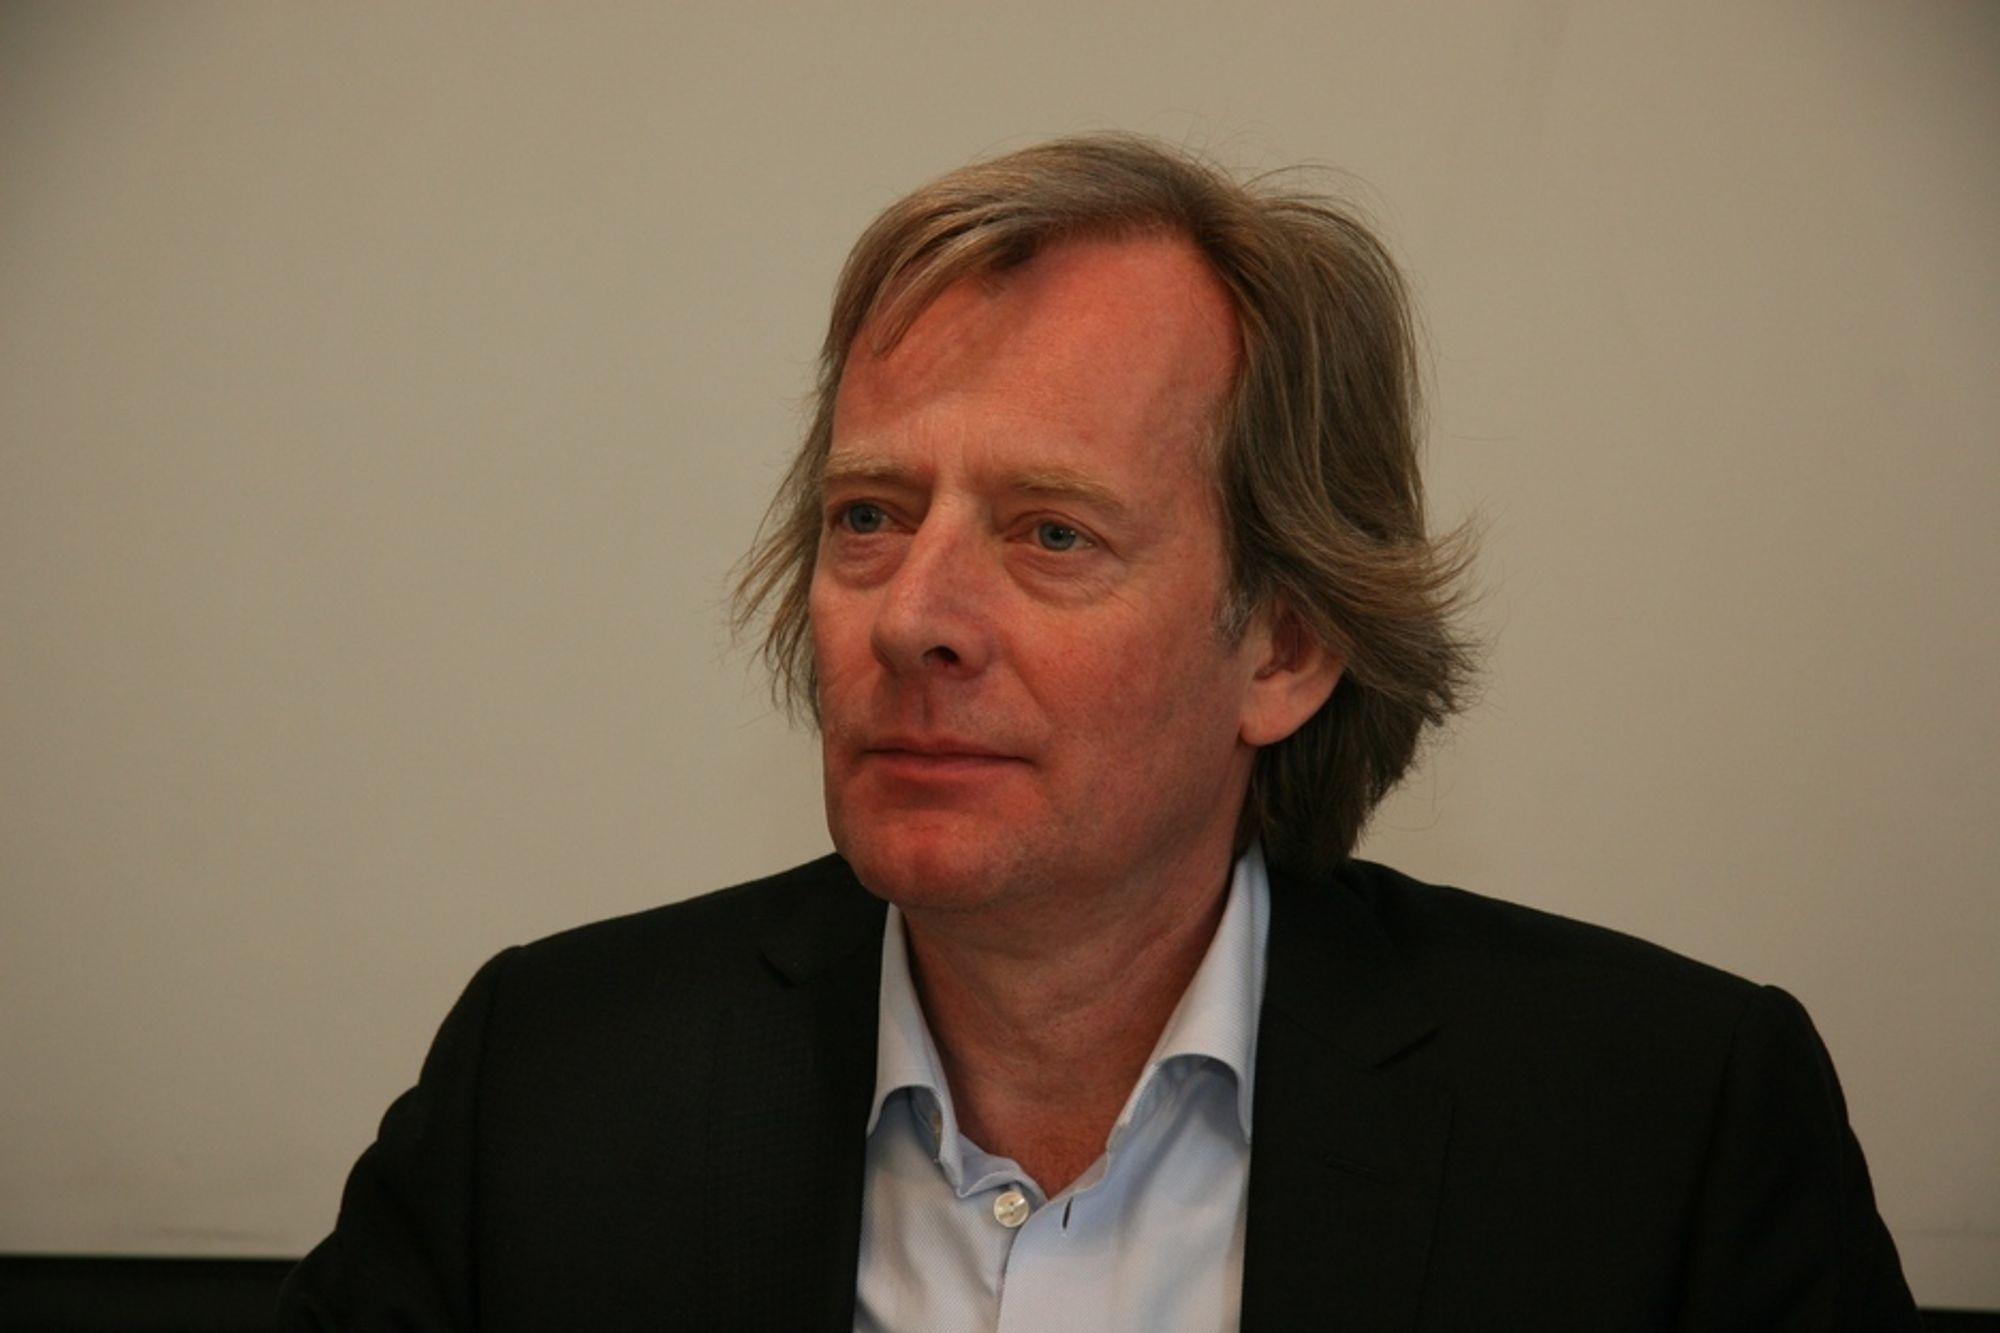 ENTUSIASTEN: Eirik Wærner i Hjellnes Consult tok initiativet til miljøforumet, og ble valgt som styrelder på stiftelsesmøtet.